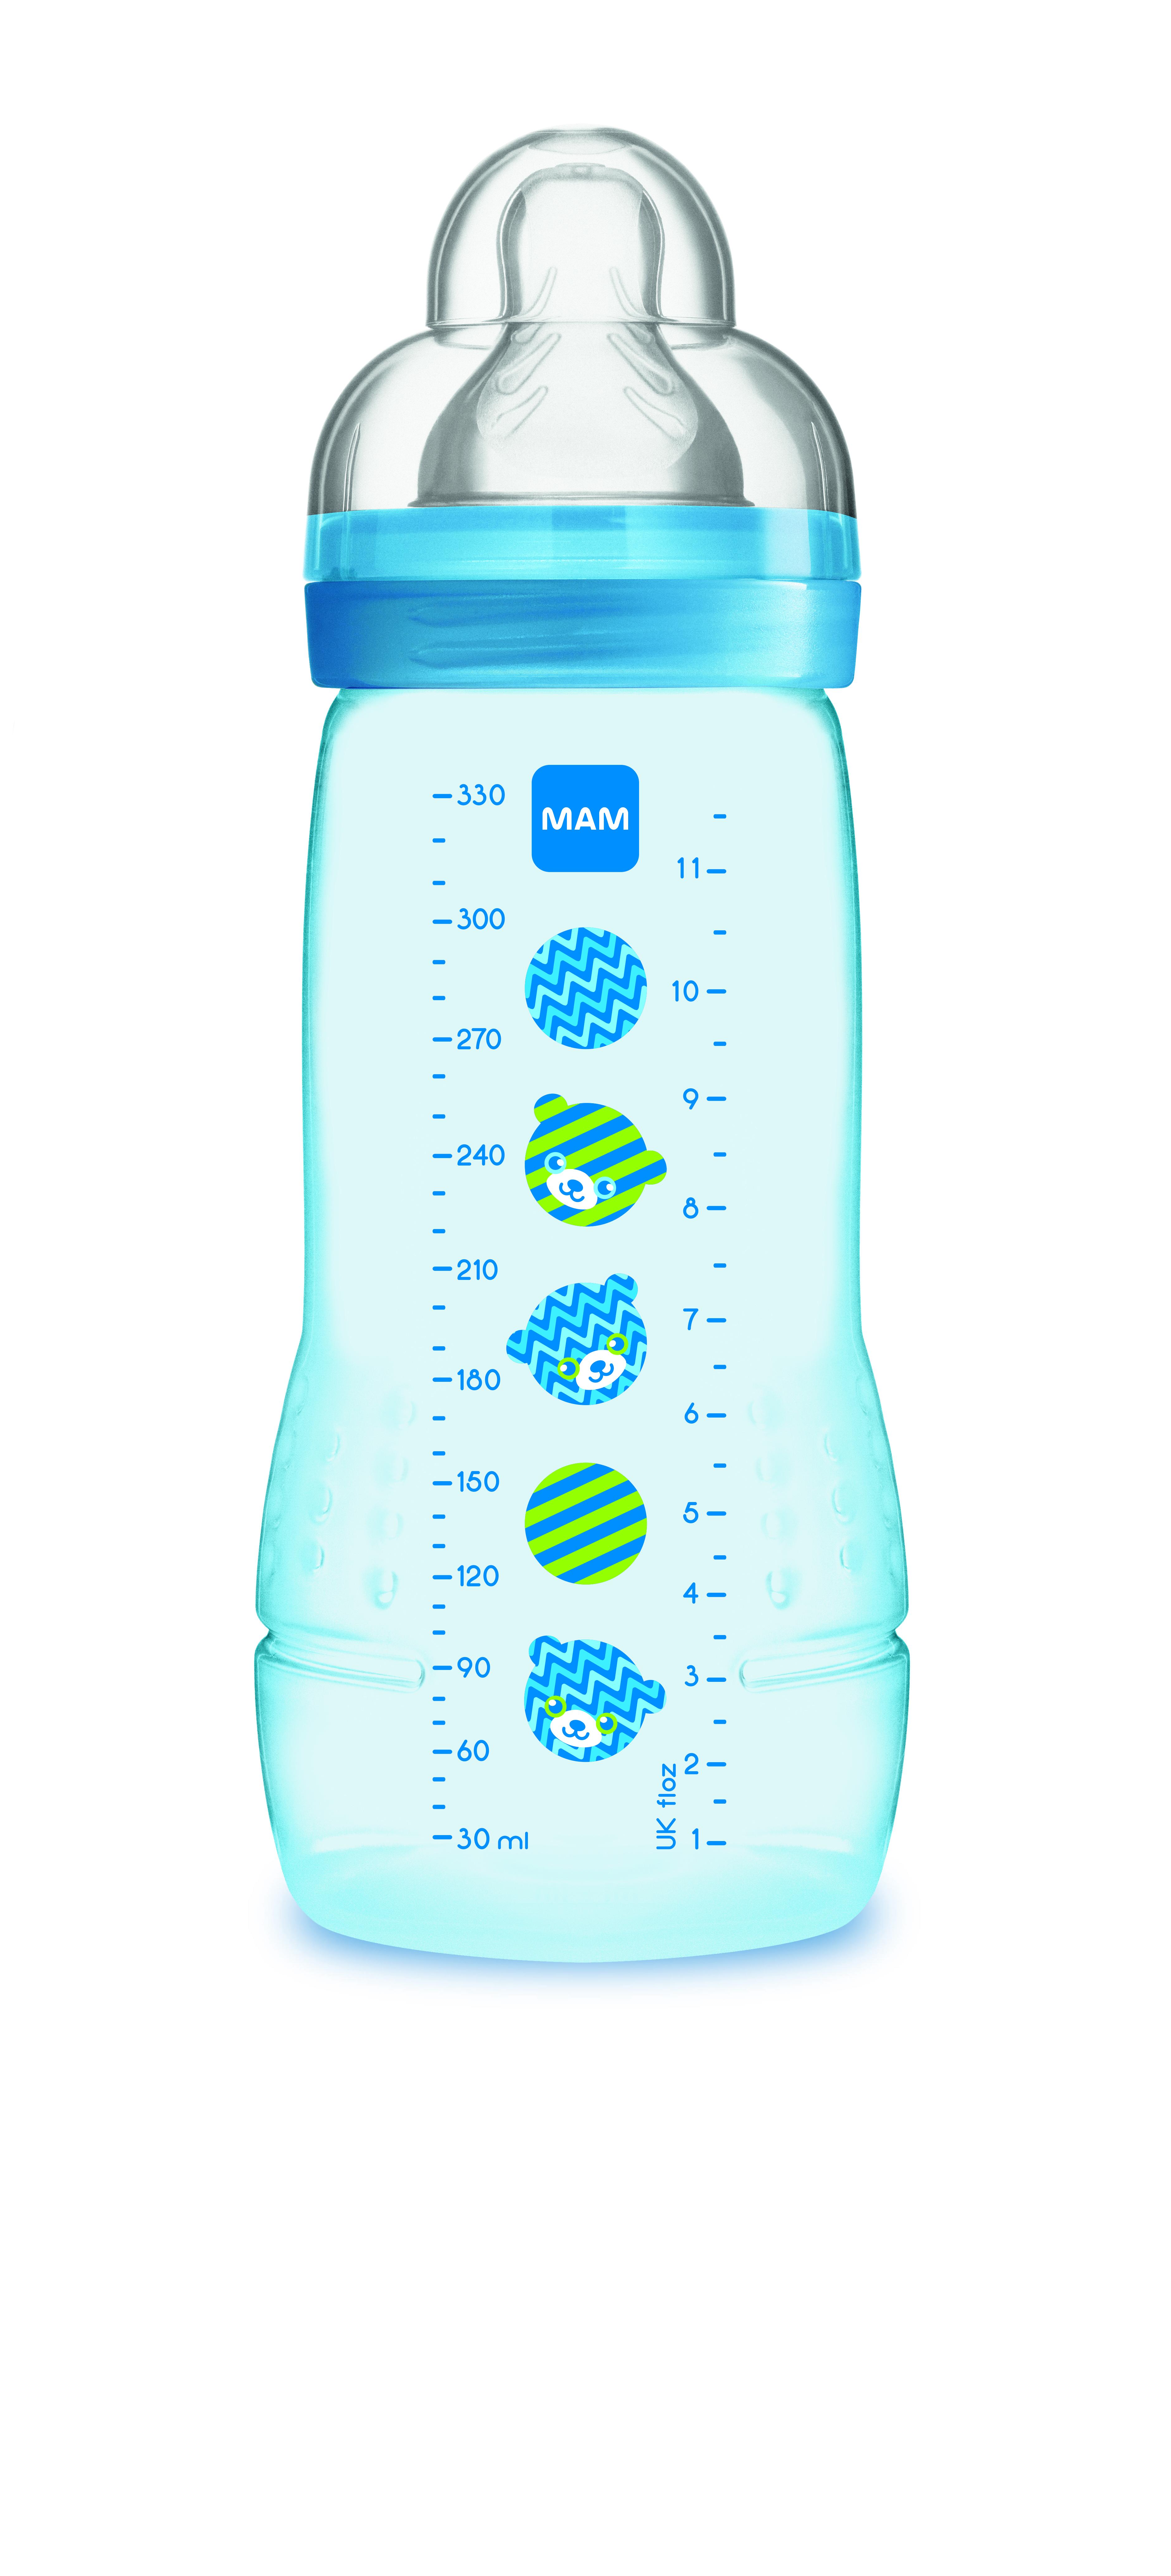 Wysokiej jakości butelka do picia dla niemowląt 4m+ Mam Baby Bottle Pattern Niebieski